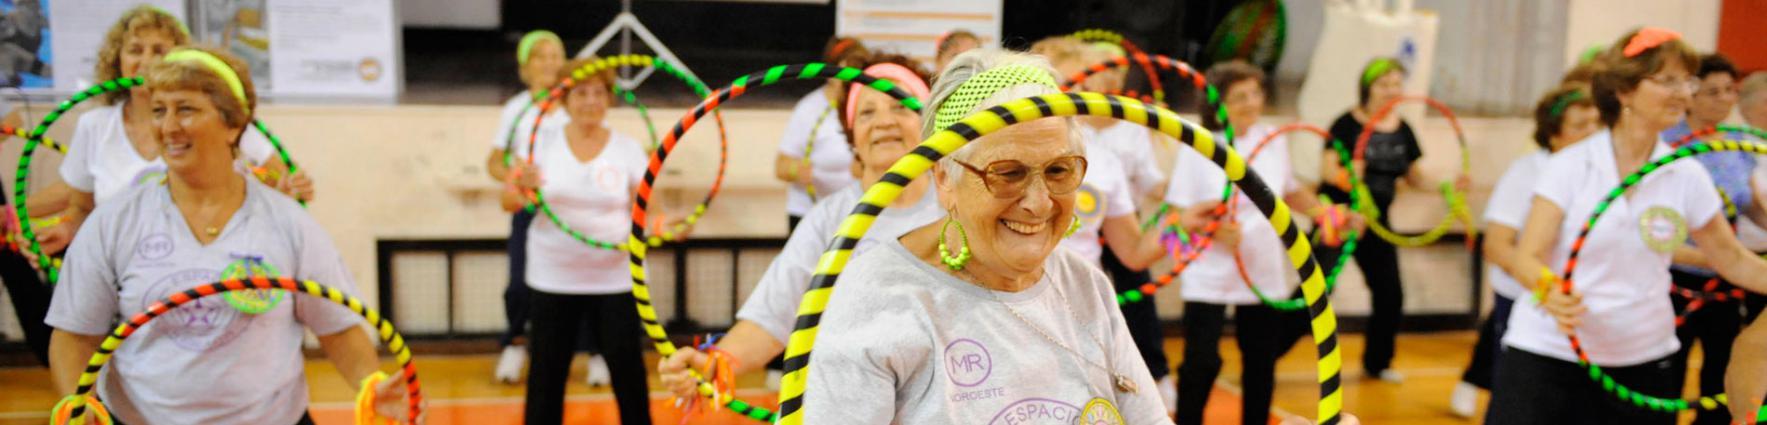 Centros de Actividades Integrales para Adultos Mayores (CAIAM)